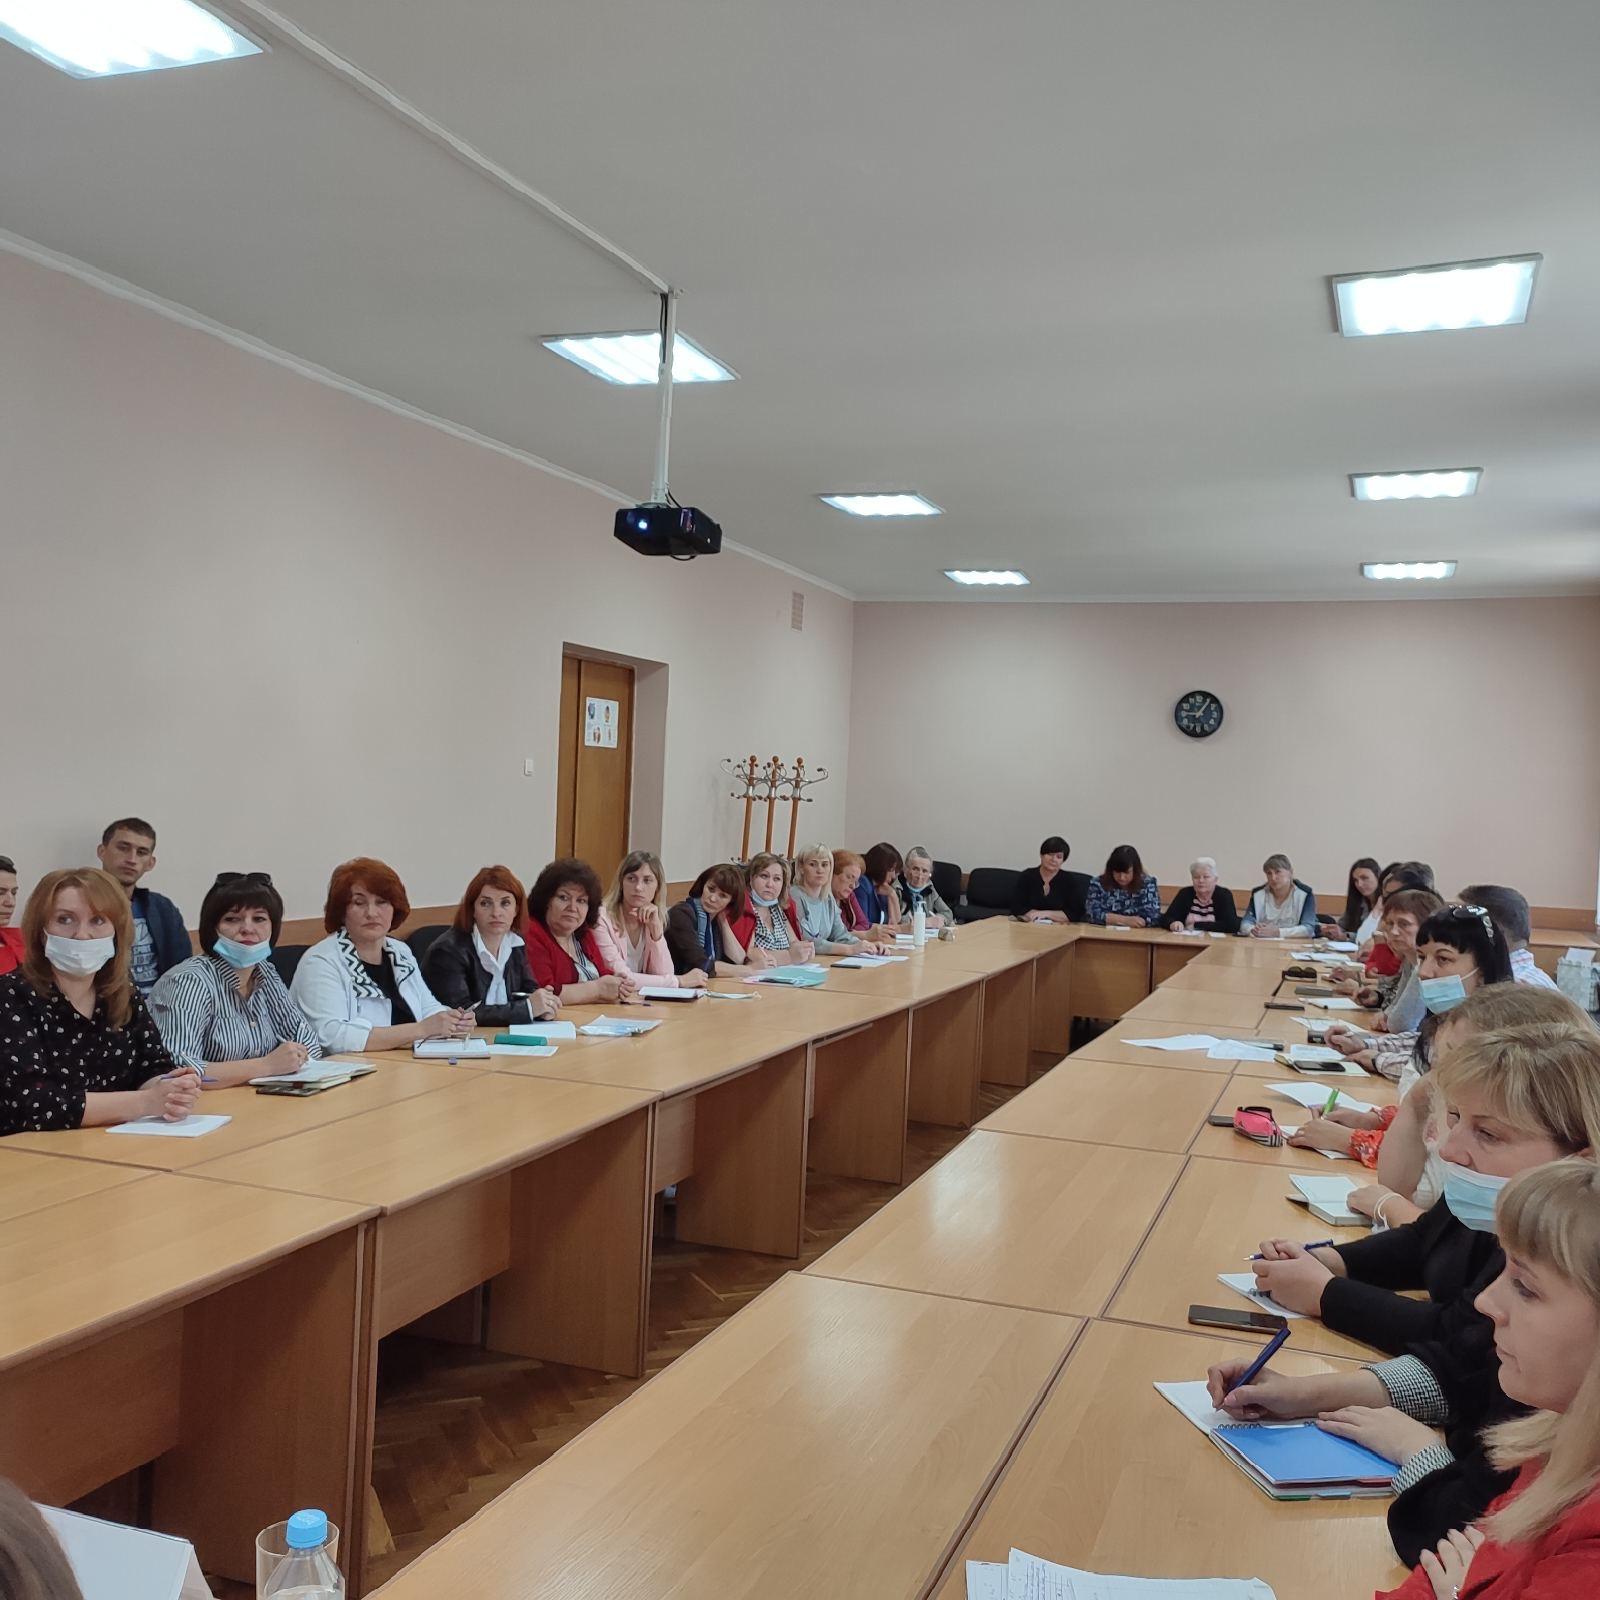 Відбувся семінар щодо організації харчування у 2021/2022 н.р. у закладах загальної середньої освіти обласного підпорядкування